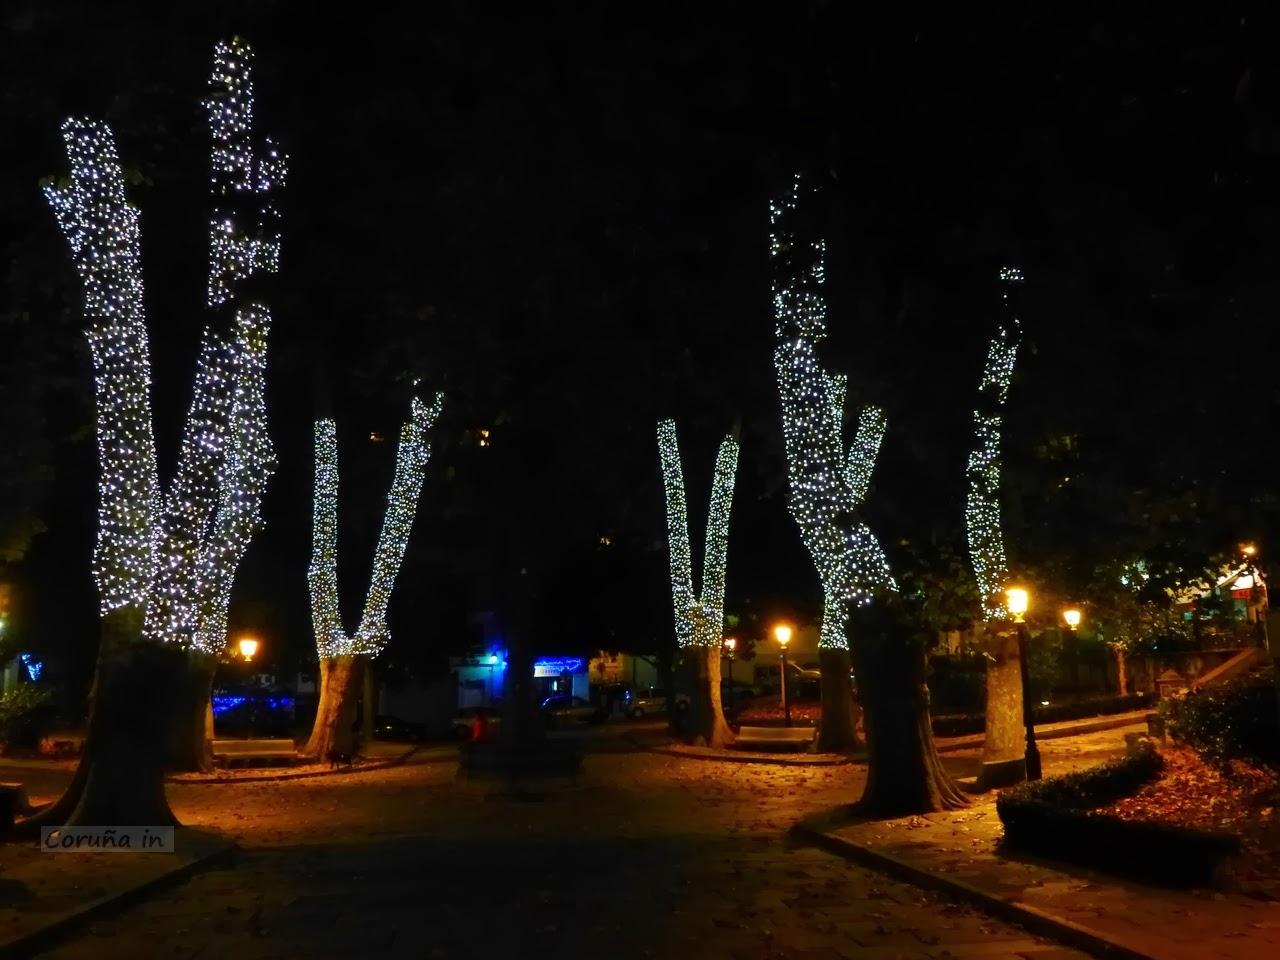 ab451e5c99e Coruña In  Navidad en A Coruña